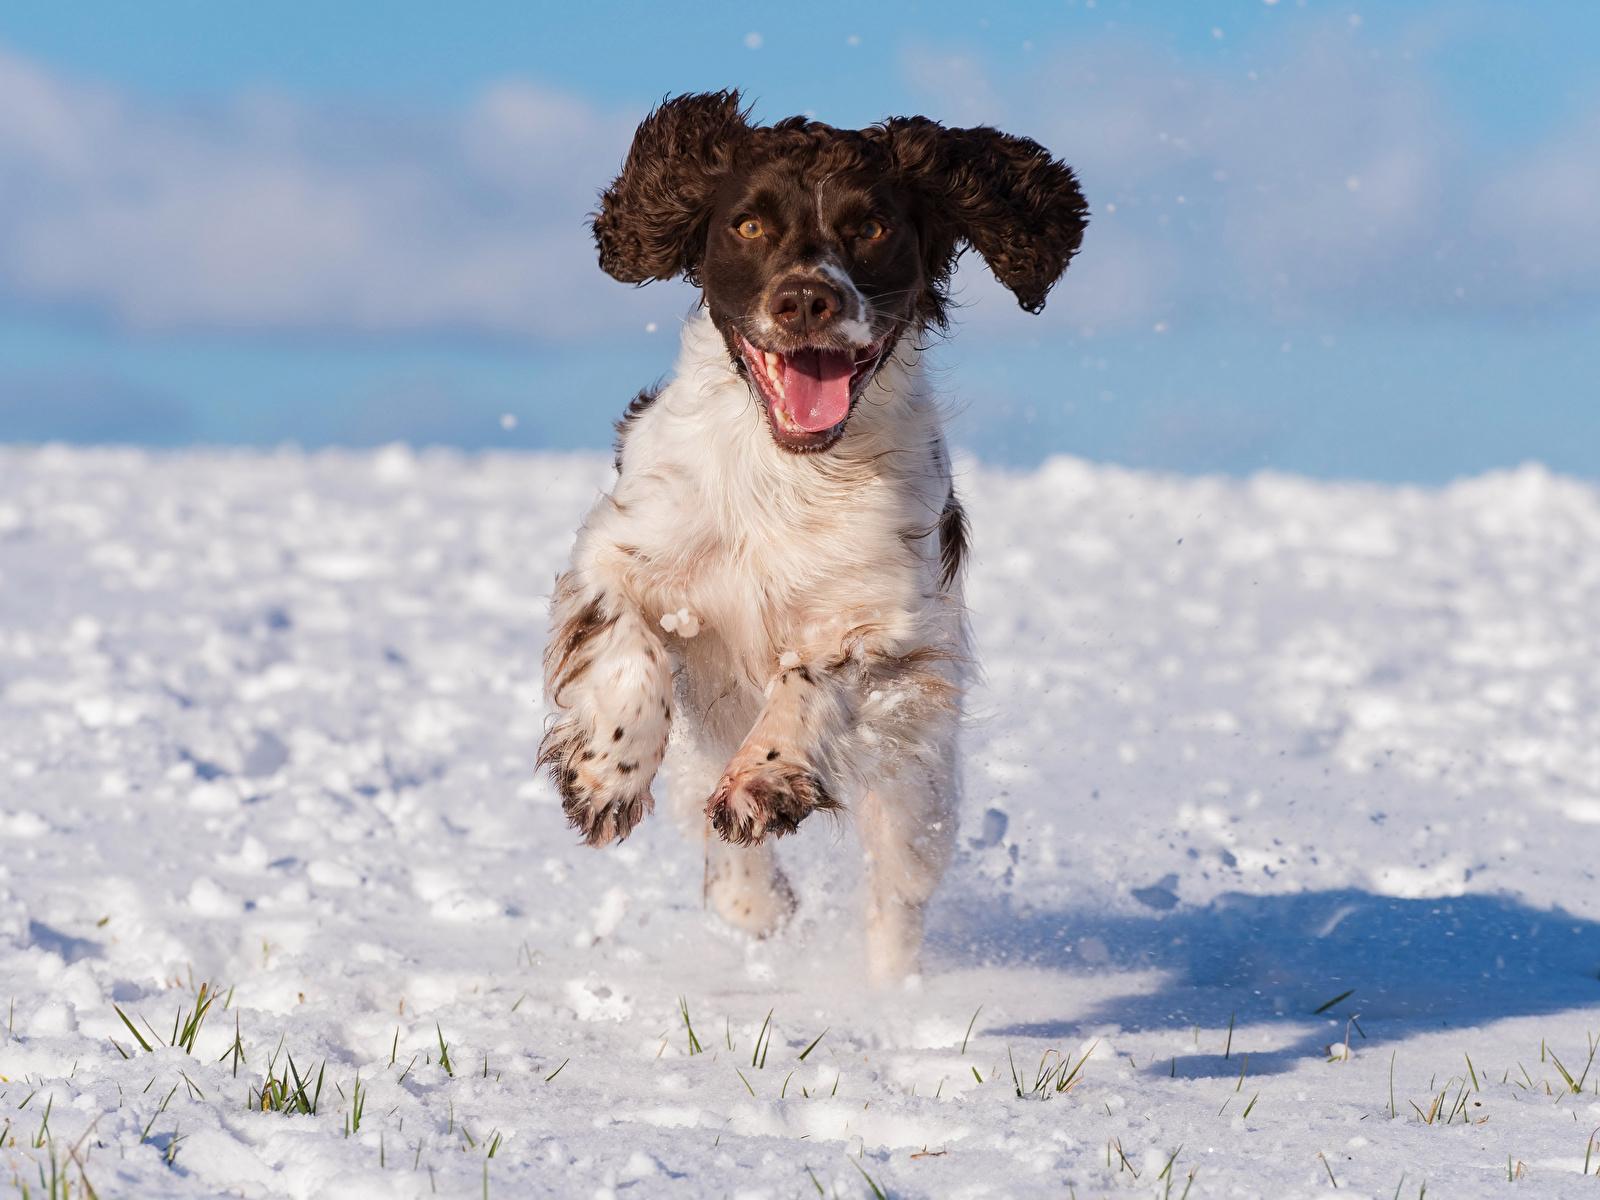 Hintergrundbilder Spaniel Hunde Laufsport cocker spaniel Schnee Tiere 1600x1200 Lauf Laufen